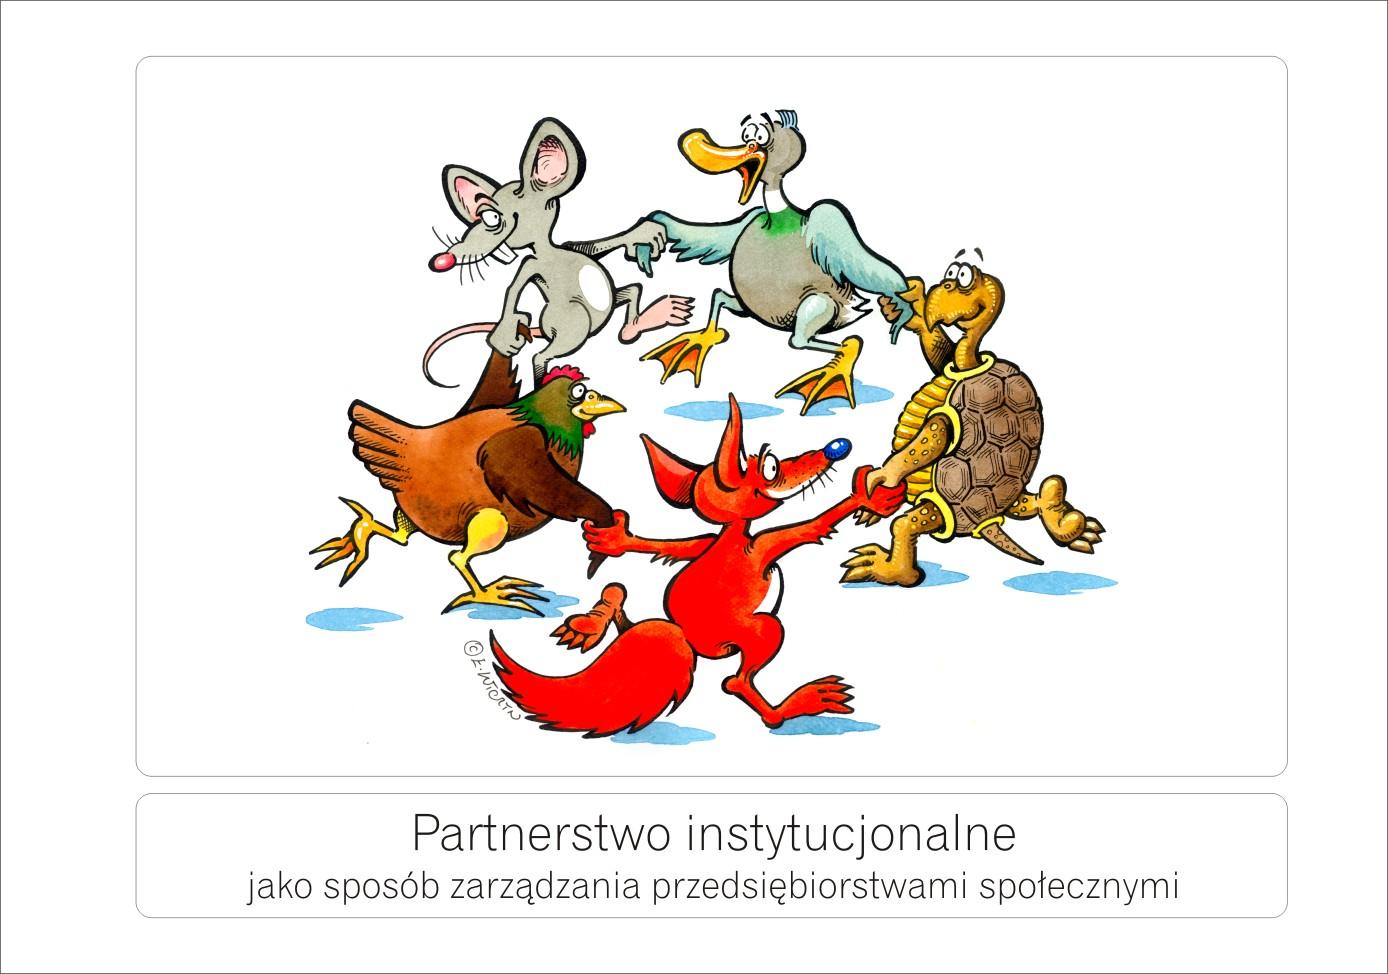 Partnerstwo instytucjonalne jako sposób zarządzania przedsiębiorstwami społecznymi